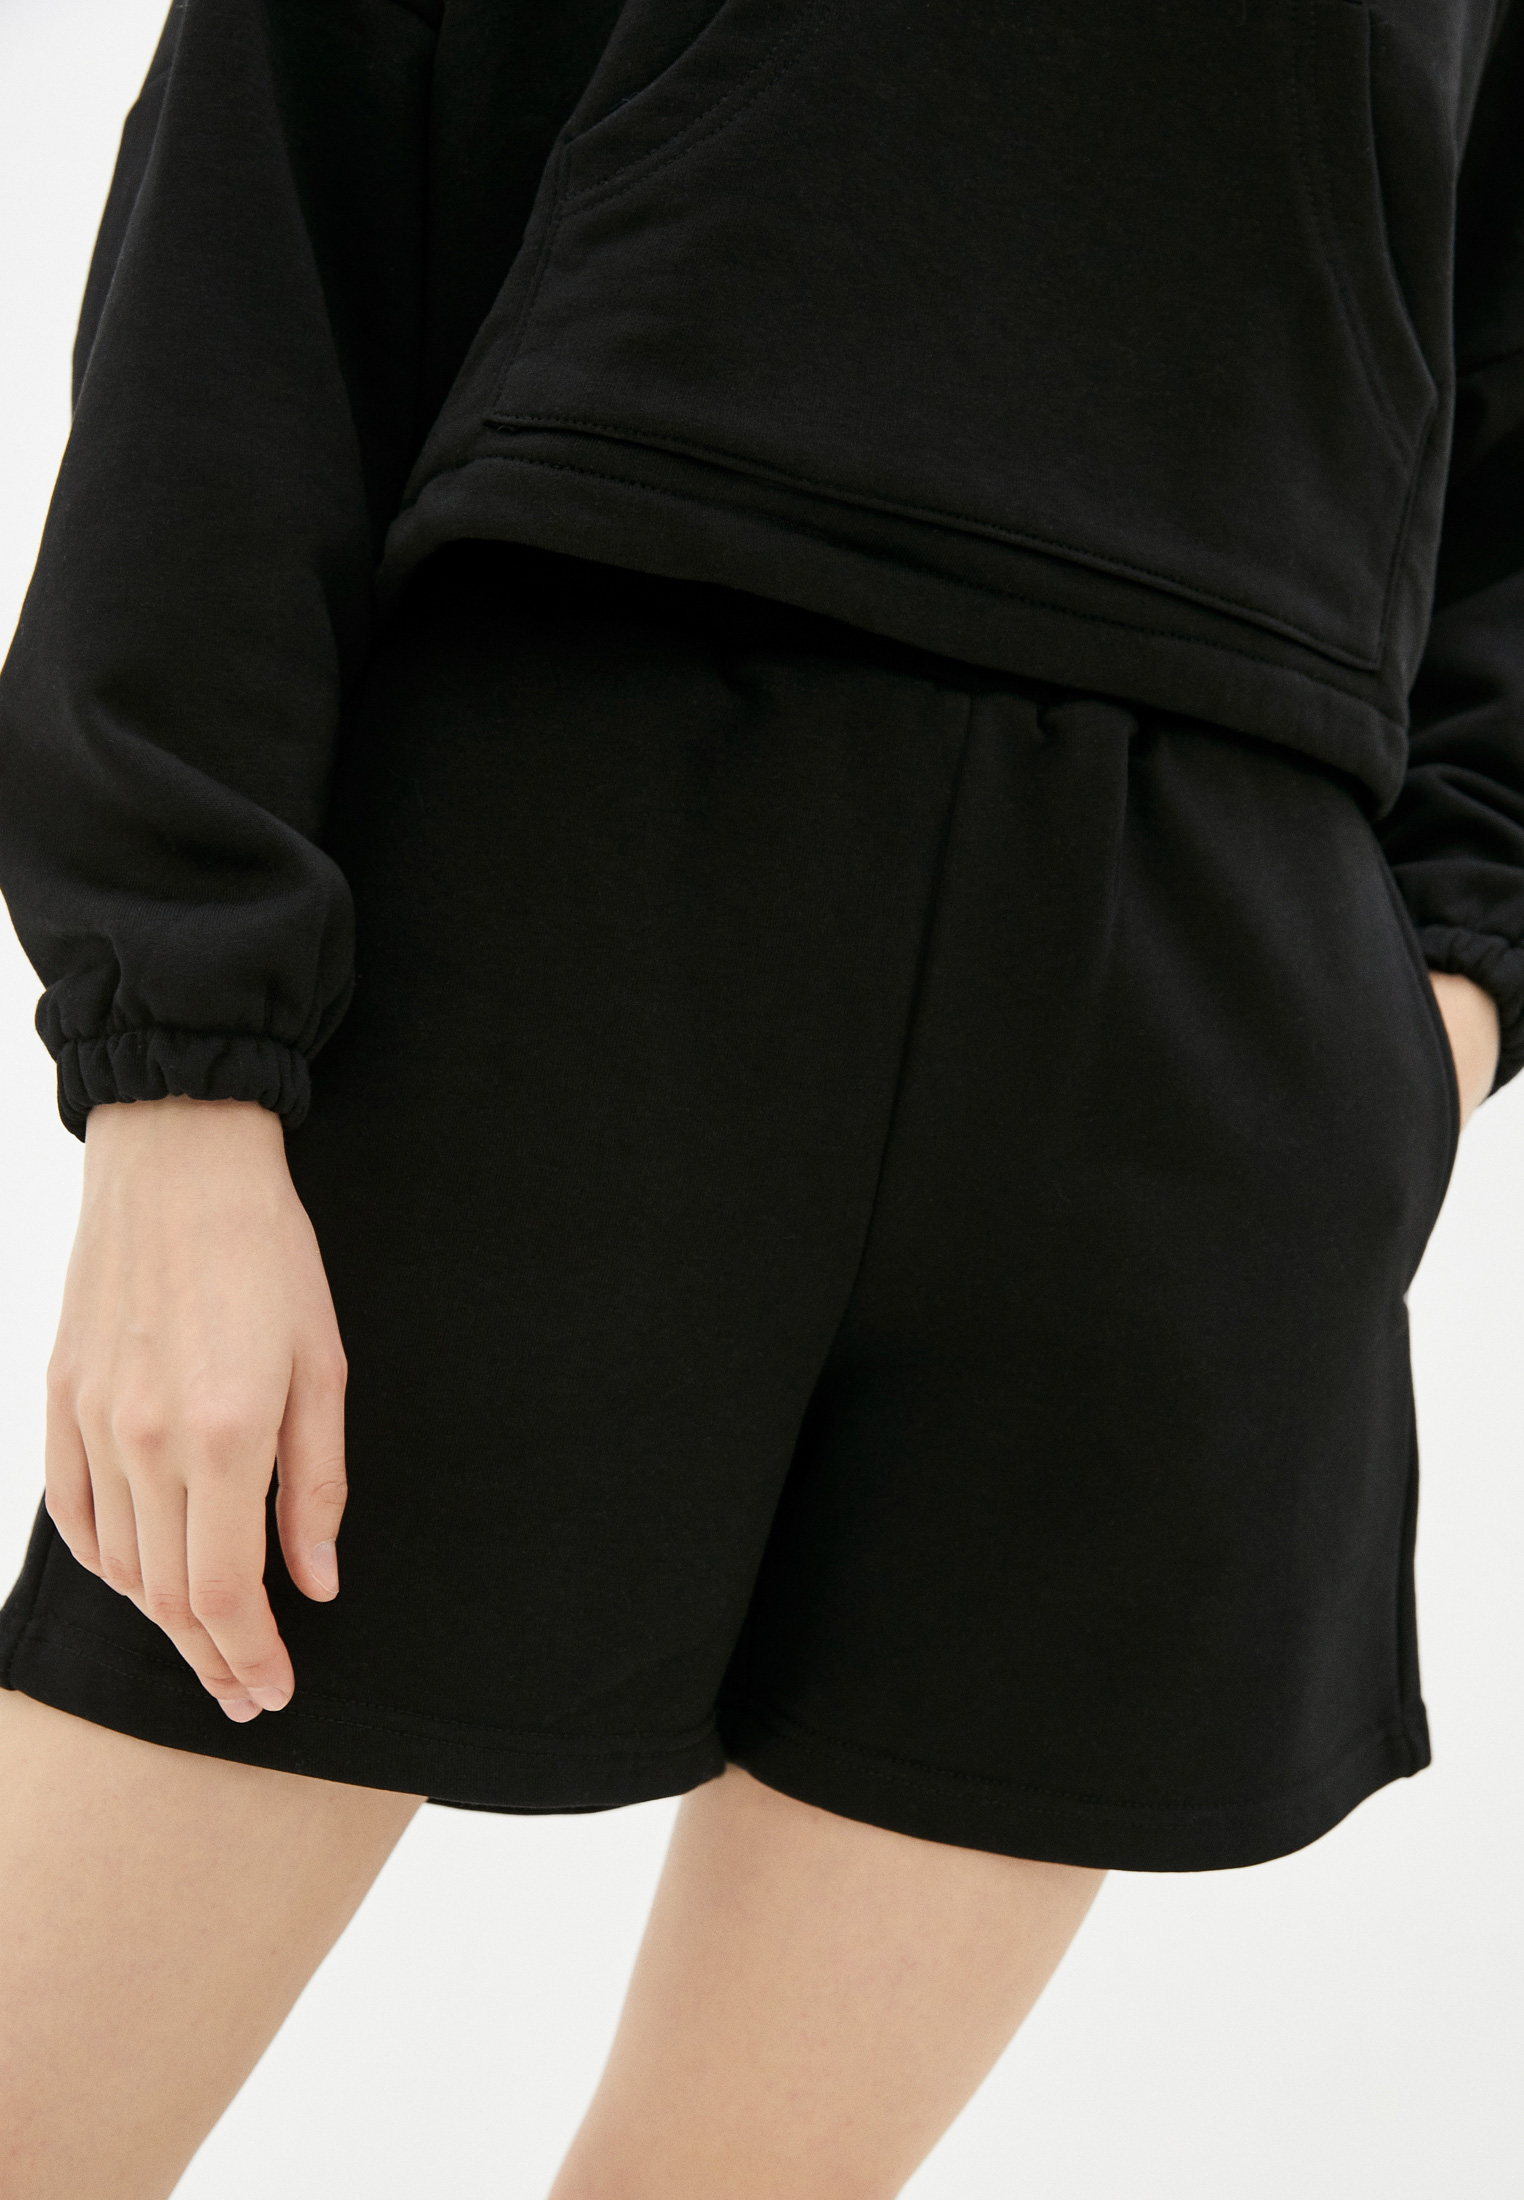 Женские повседневные шорты Art Flash Шорты спортивные Art Flash